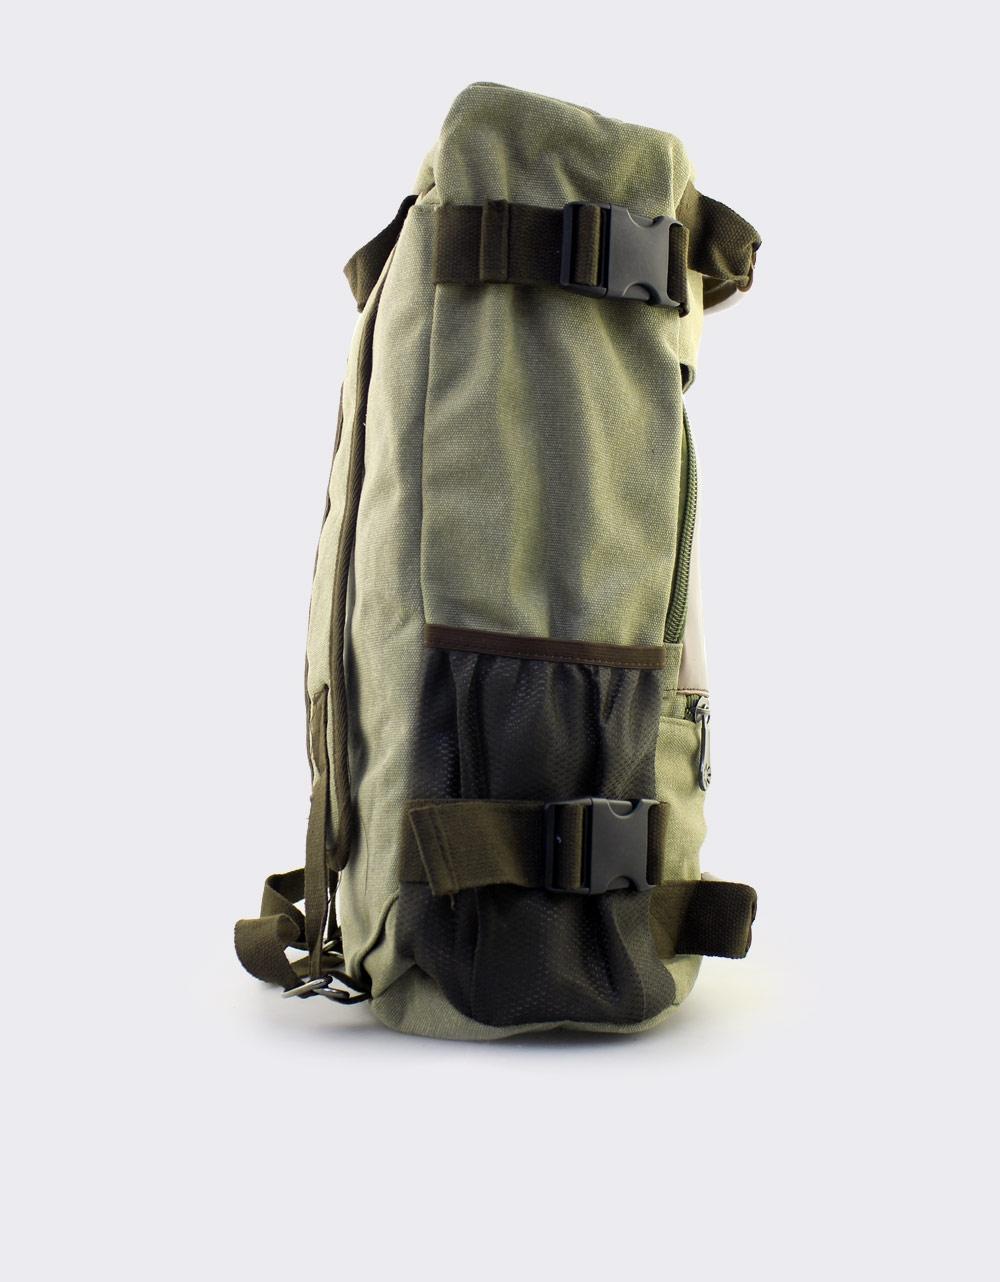 Εικόνα από Ανδρικά σακίδια πλάτης με εξωτερικά φερμουάρ Μπεζ